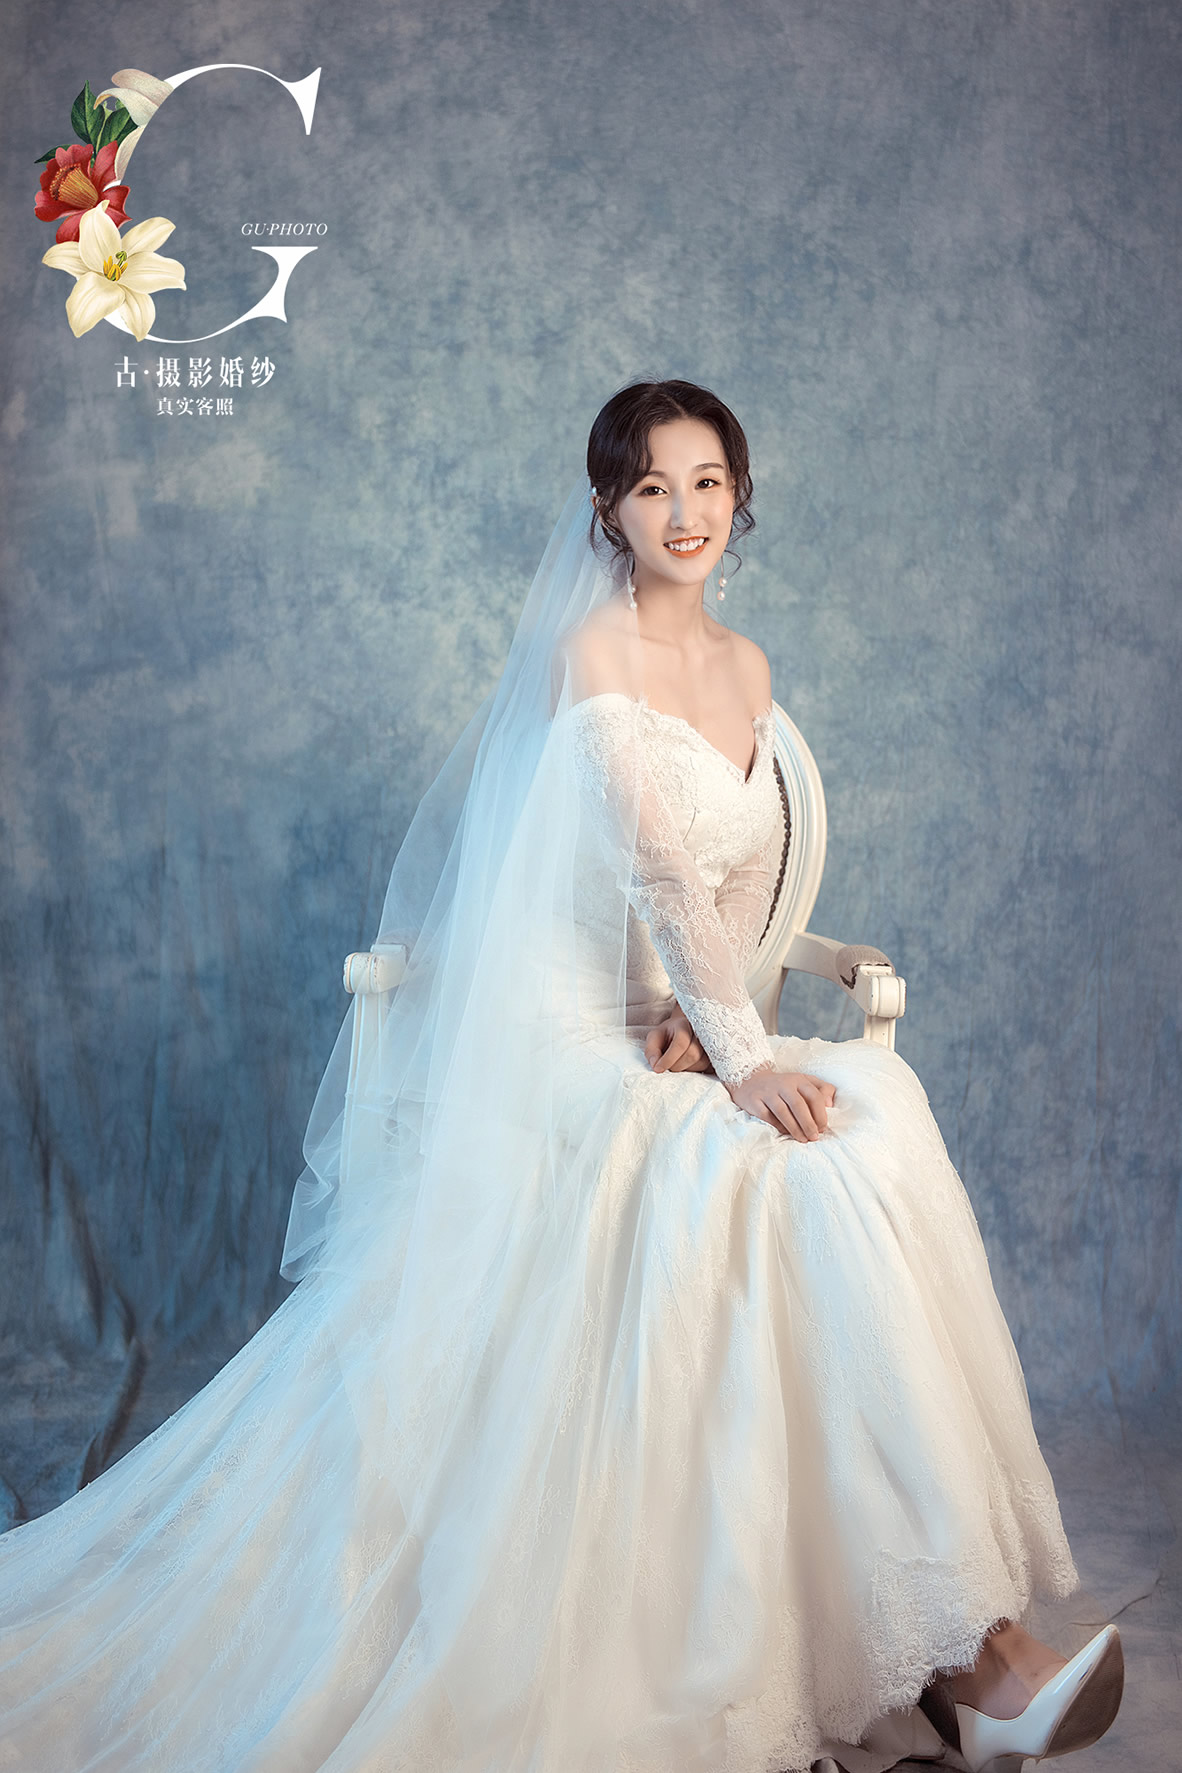 刘先生 黄小姐 - 每日客照 - love昆明古摄影-昆明婚纱摄影网